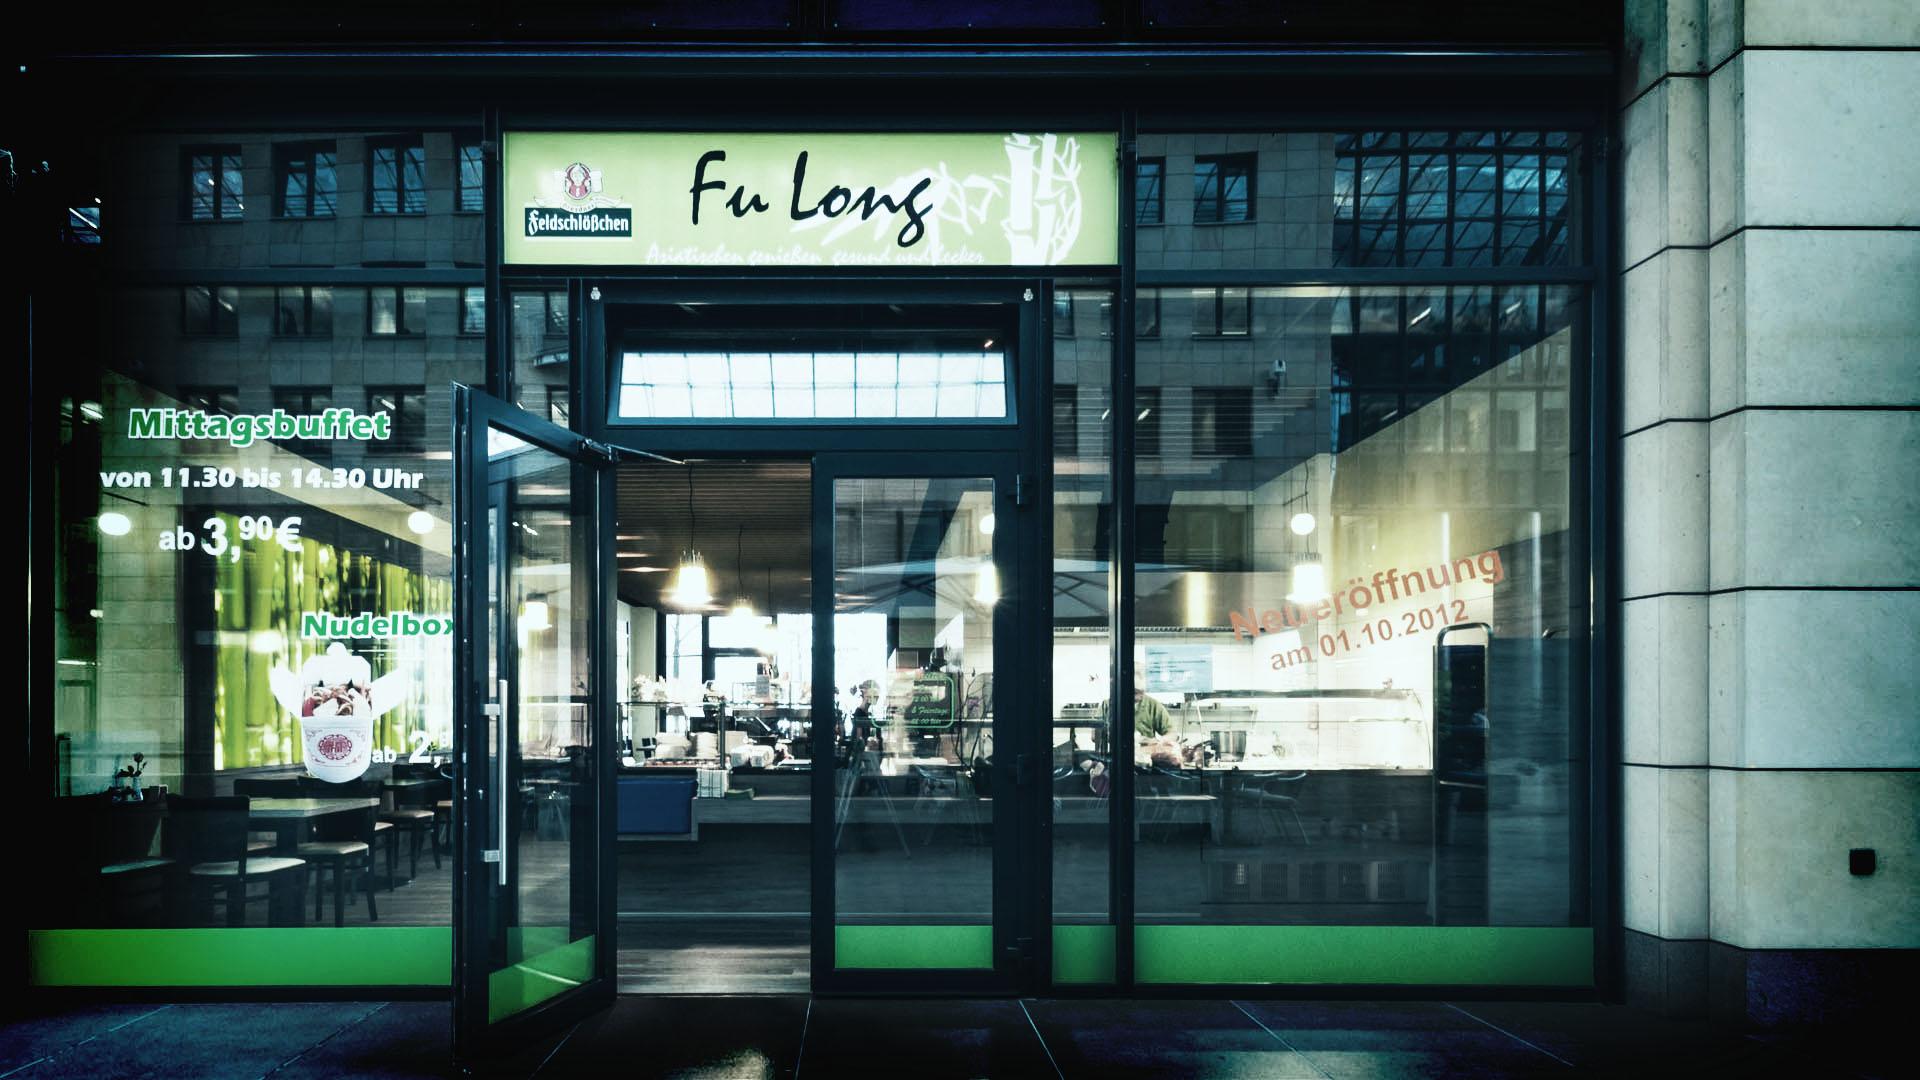 fu long – asia food